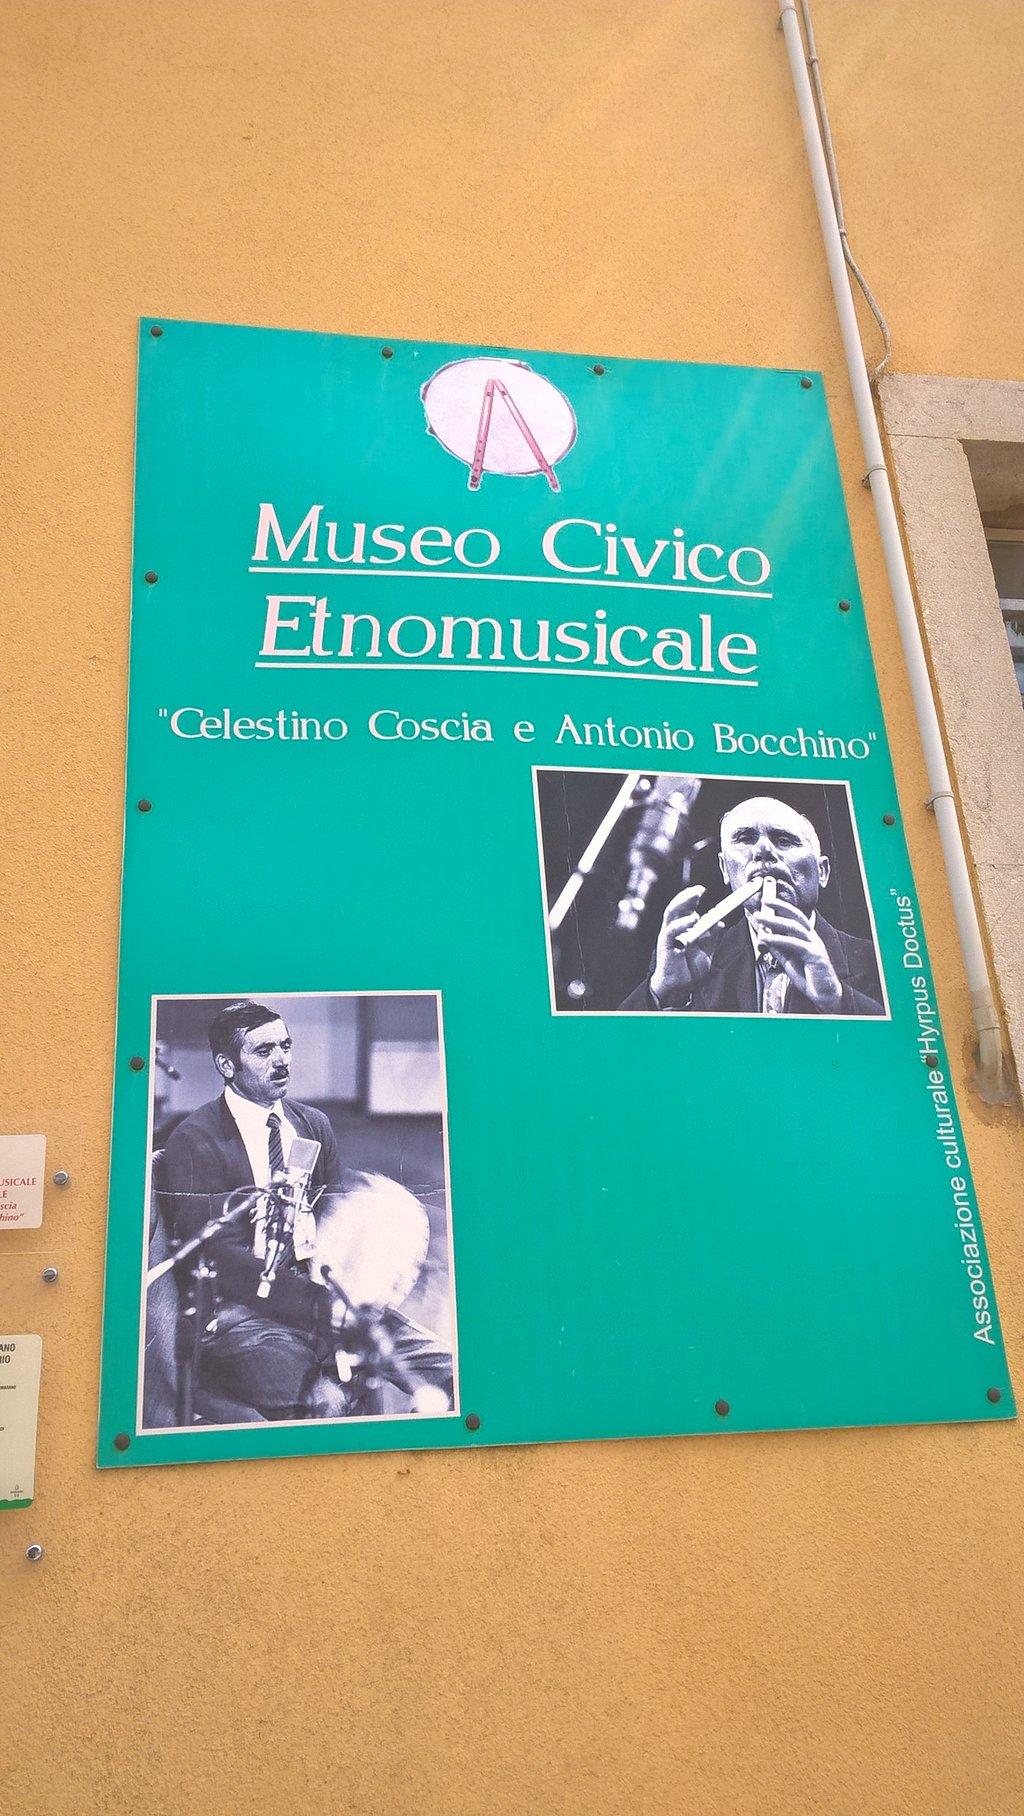 Museo Civico Etnomusicale Celestino Coscia e Antonio Bocchino